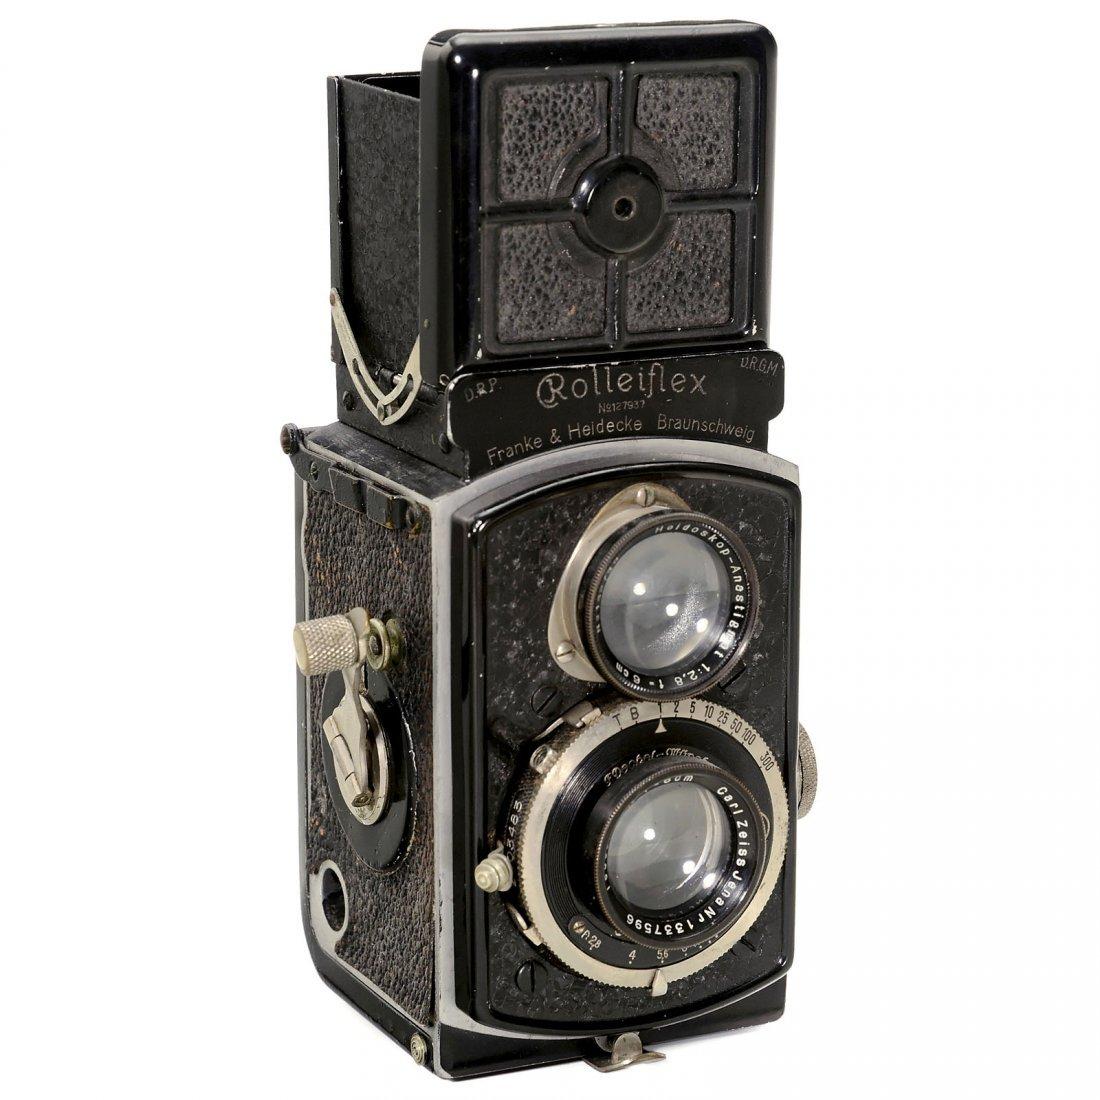 Rolleiflex 4 x 4 (1. Modell 2,8), 1931